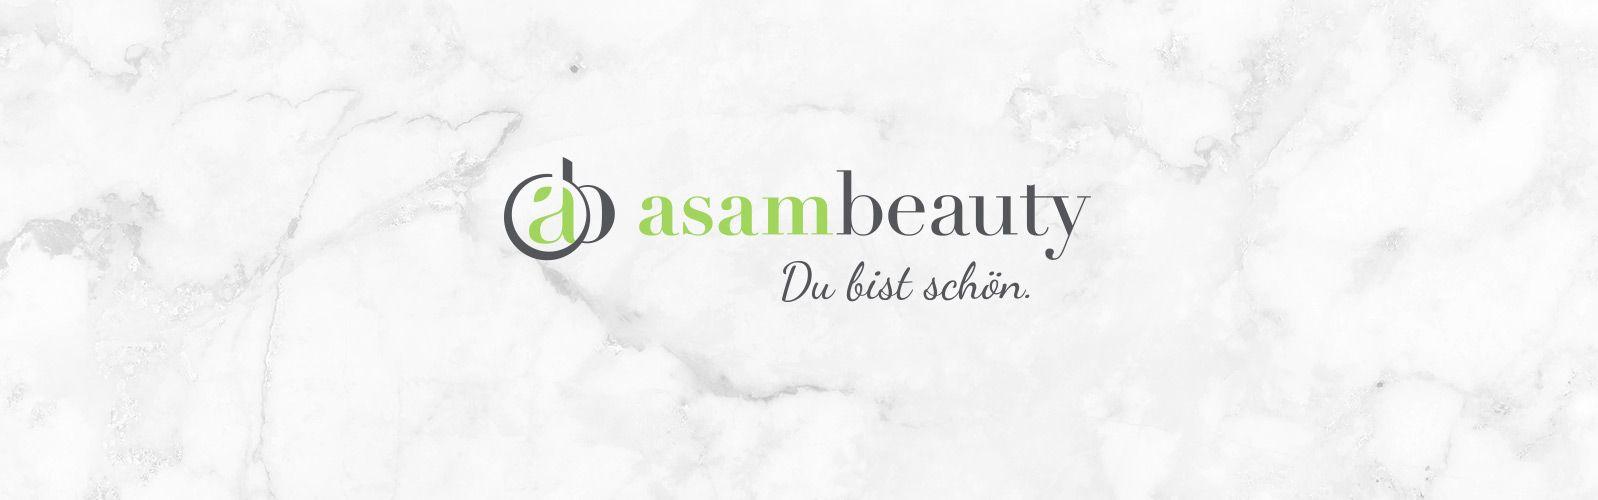 asambeauty Pflege & Kosmetik